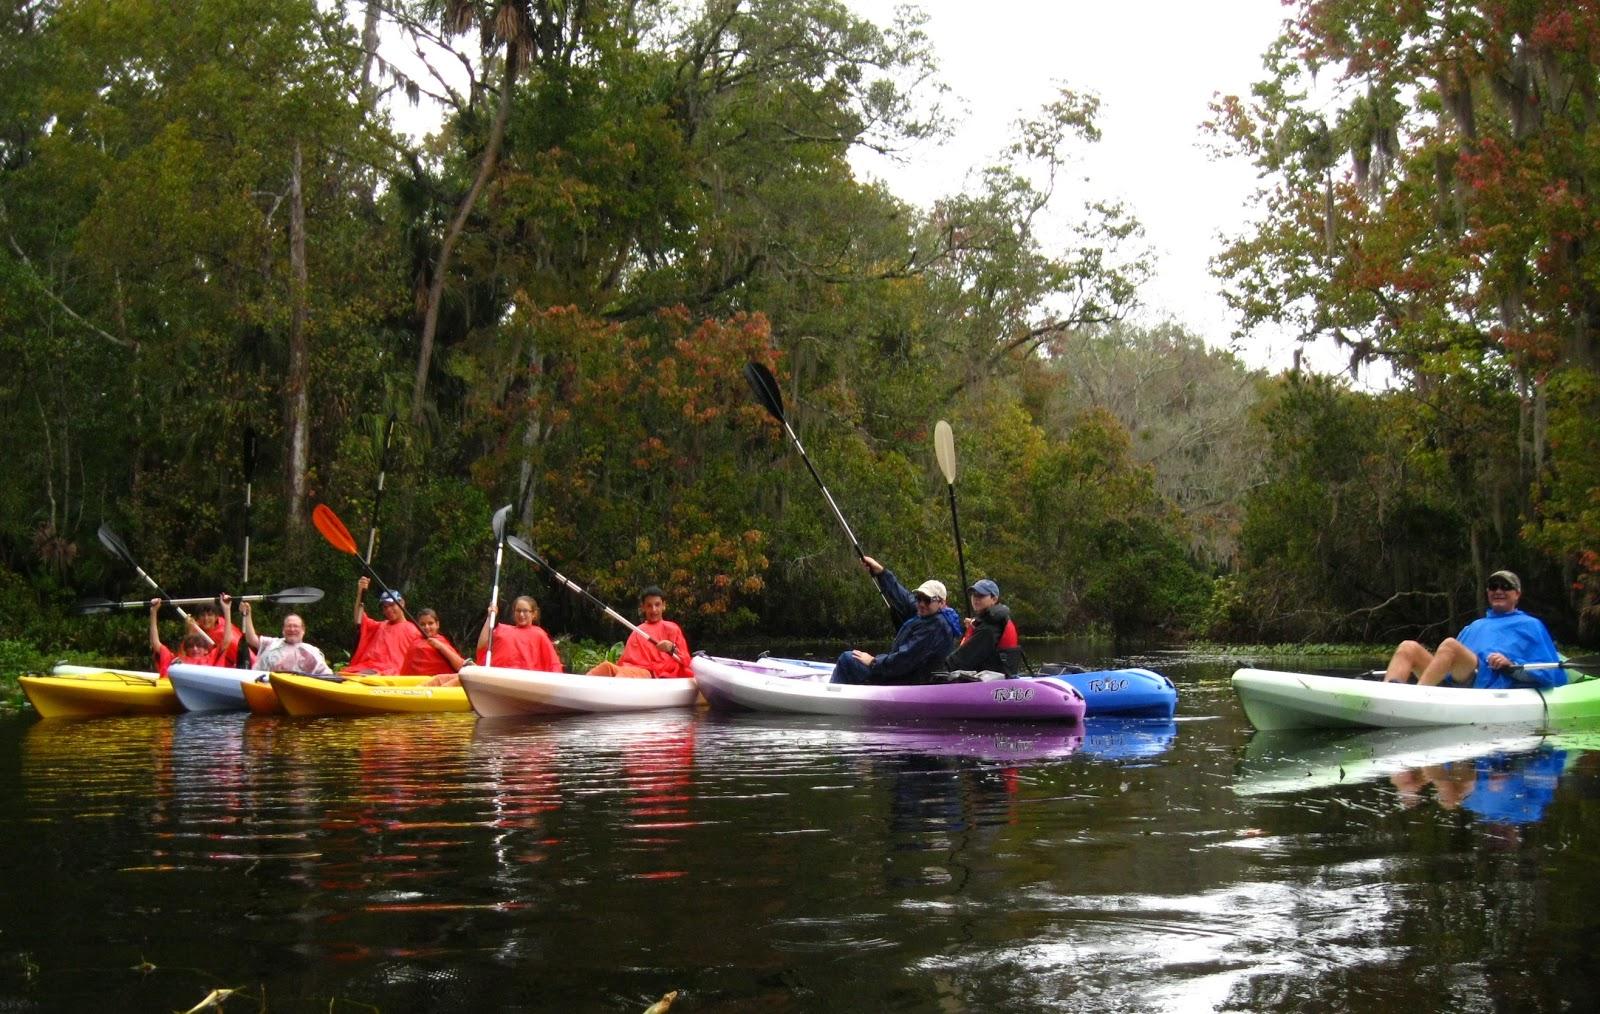 Wekiva River Monkeys Wekiva River Tour 10-28-11